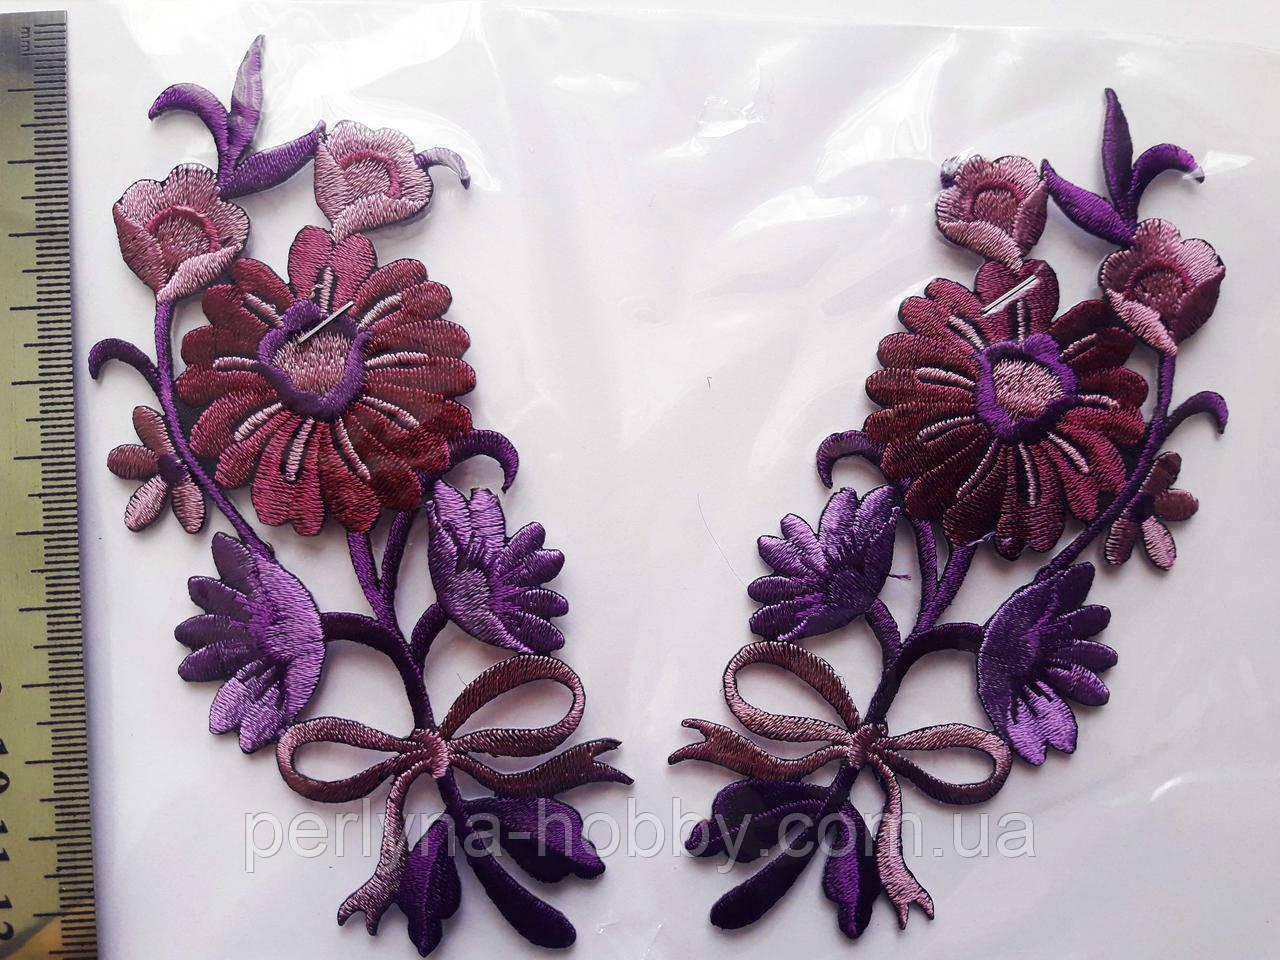 """Аплікація вишивка клейові парні """"Квіти!, 13см, фіолетова, 1 пара. Аппликация клеевая, термоаппликации"""